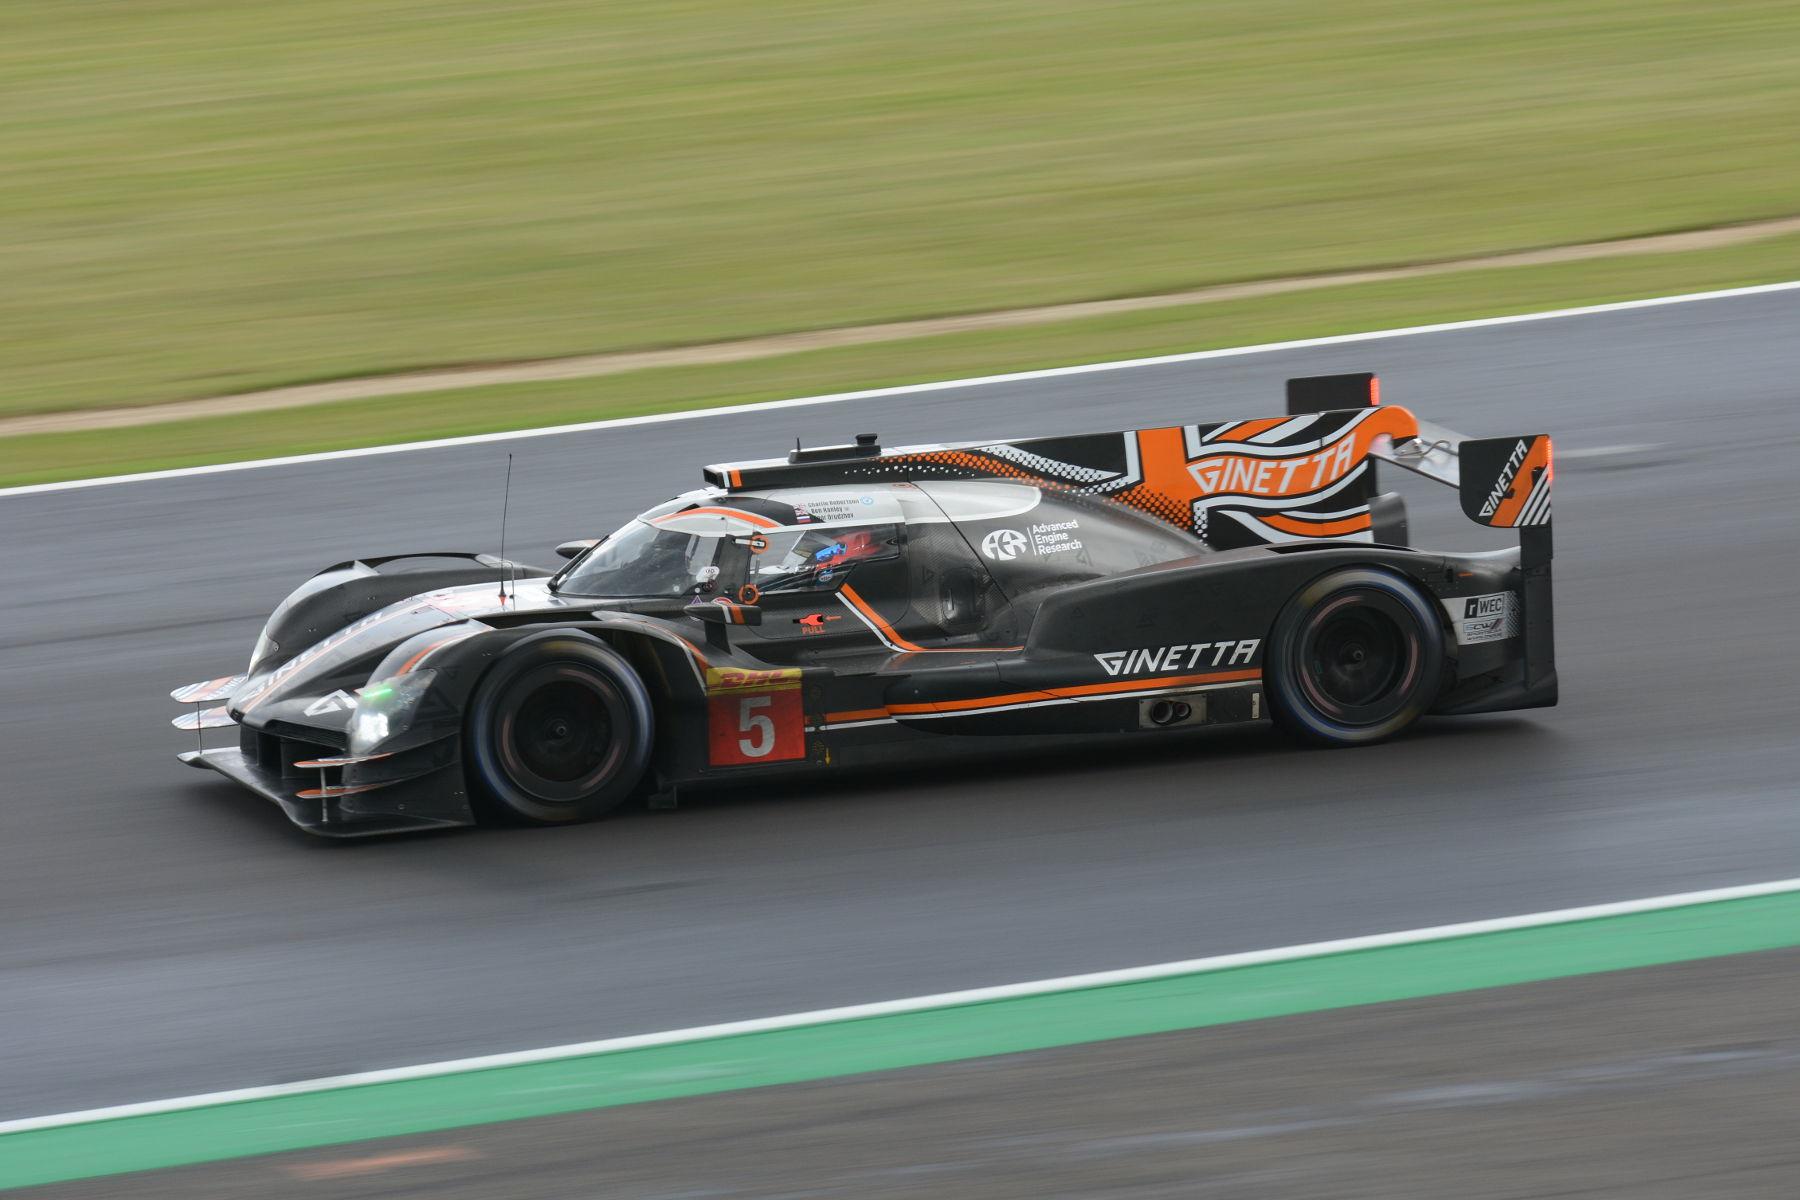 WEC Silverstone 2019 - Ginetta G60-LT-P1-AER - Team LNT